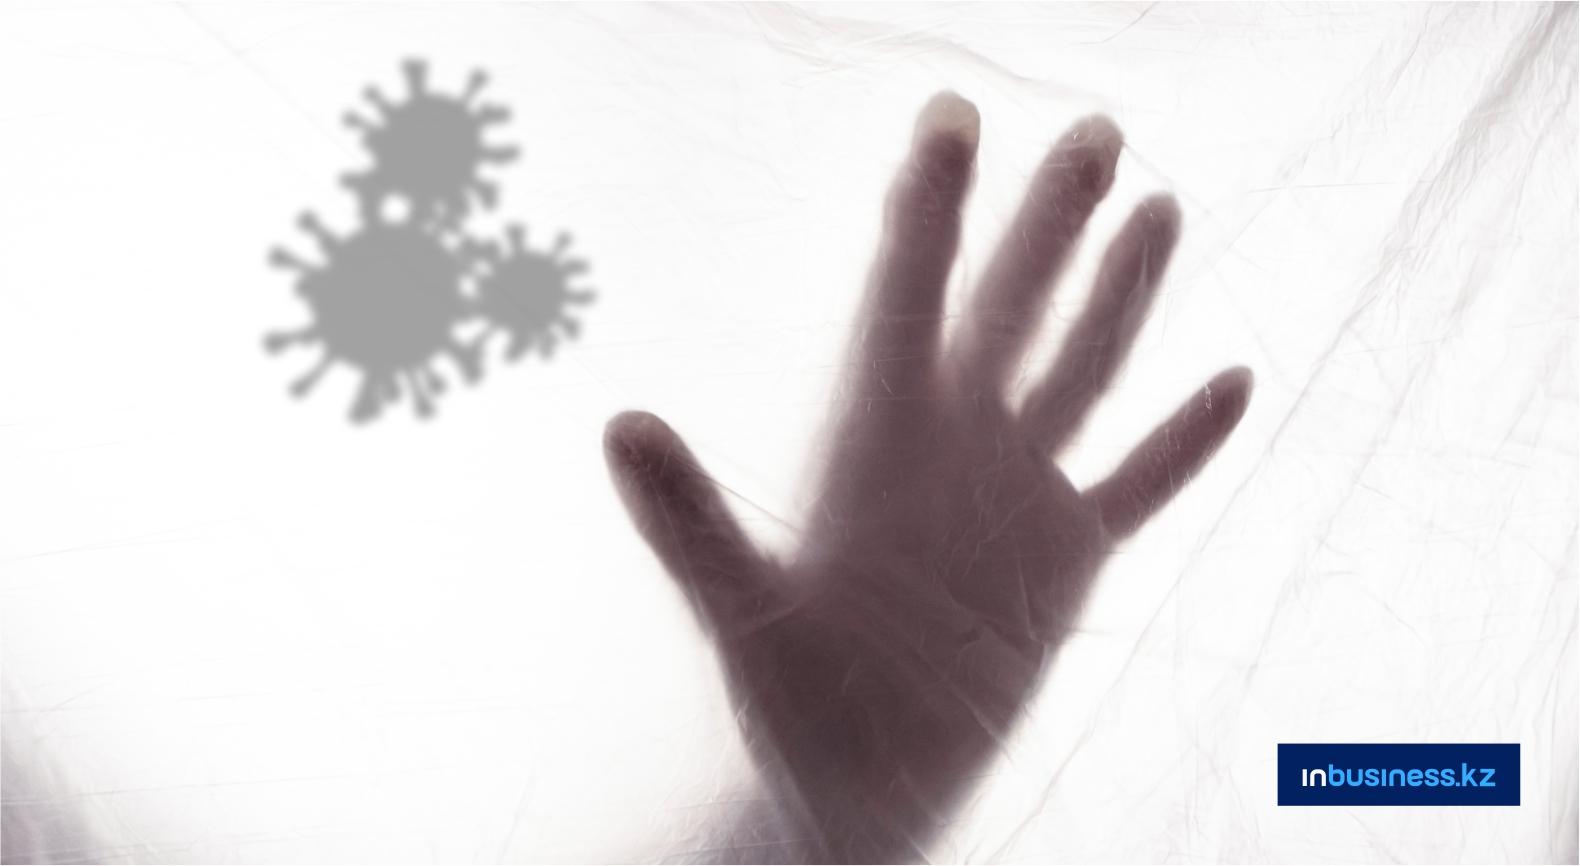 Число жертв COVID-19 в мире превысило 1,97 млн человек